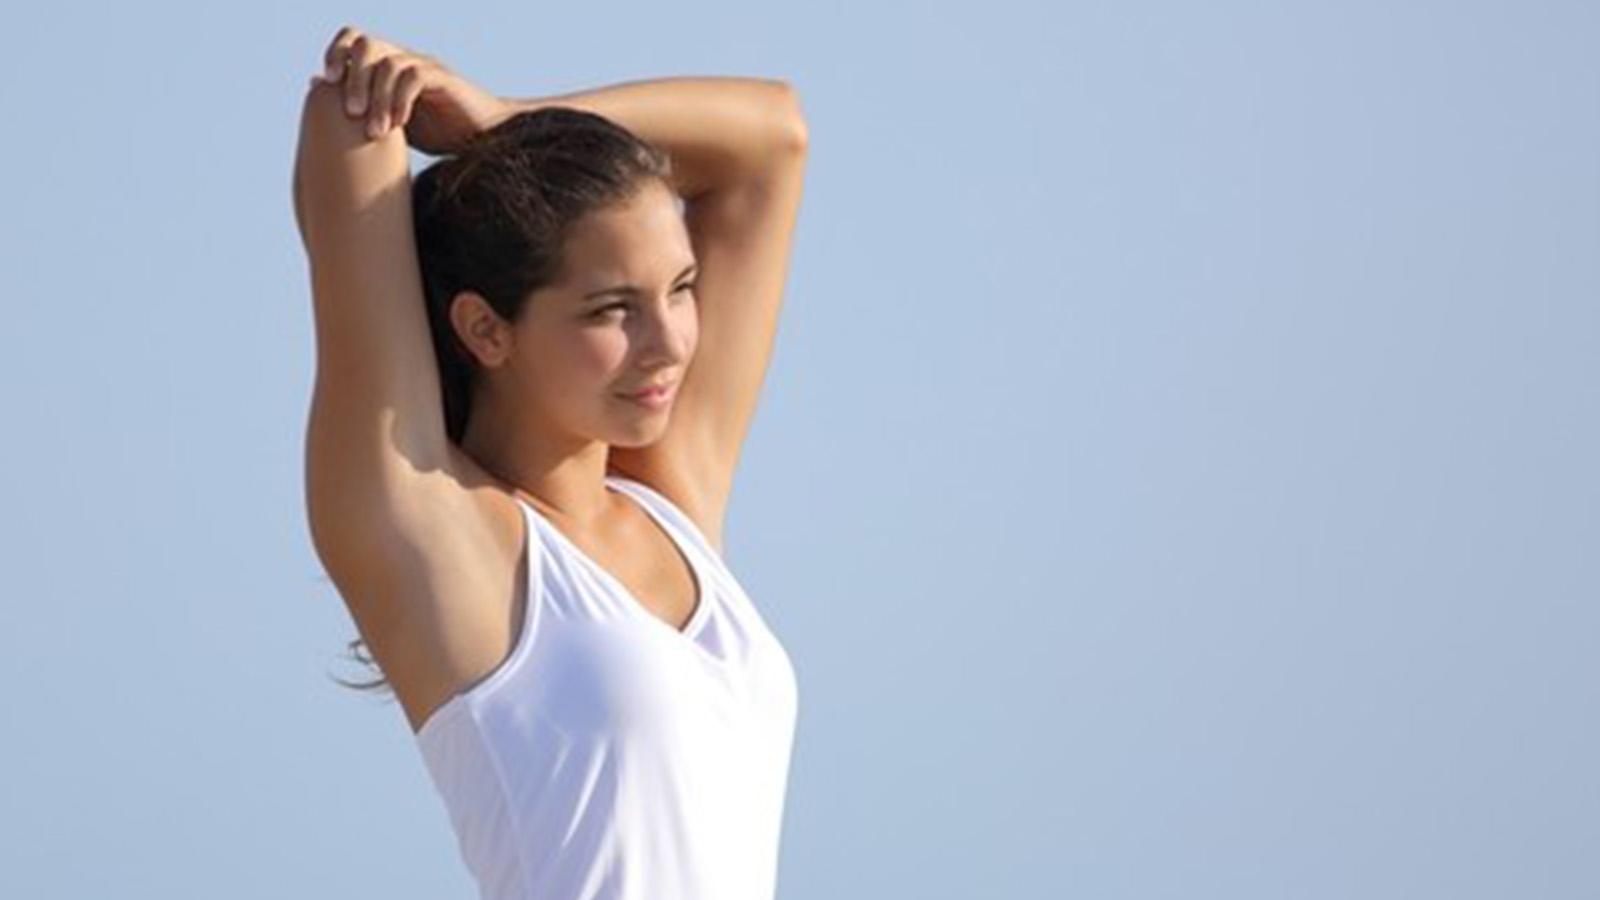 体質改善ダイエットで痩せやすい身体に!ダイエット方法と実践期間の目安も解説